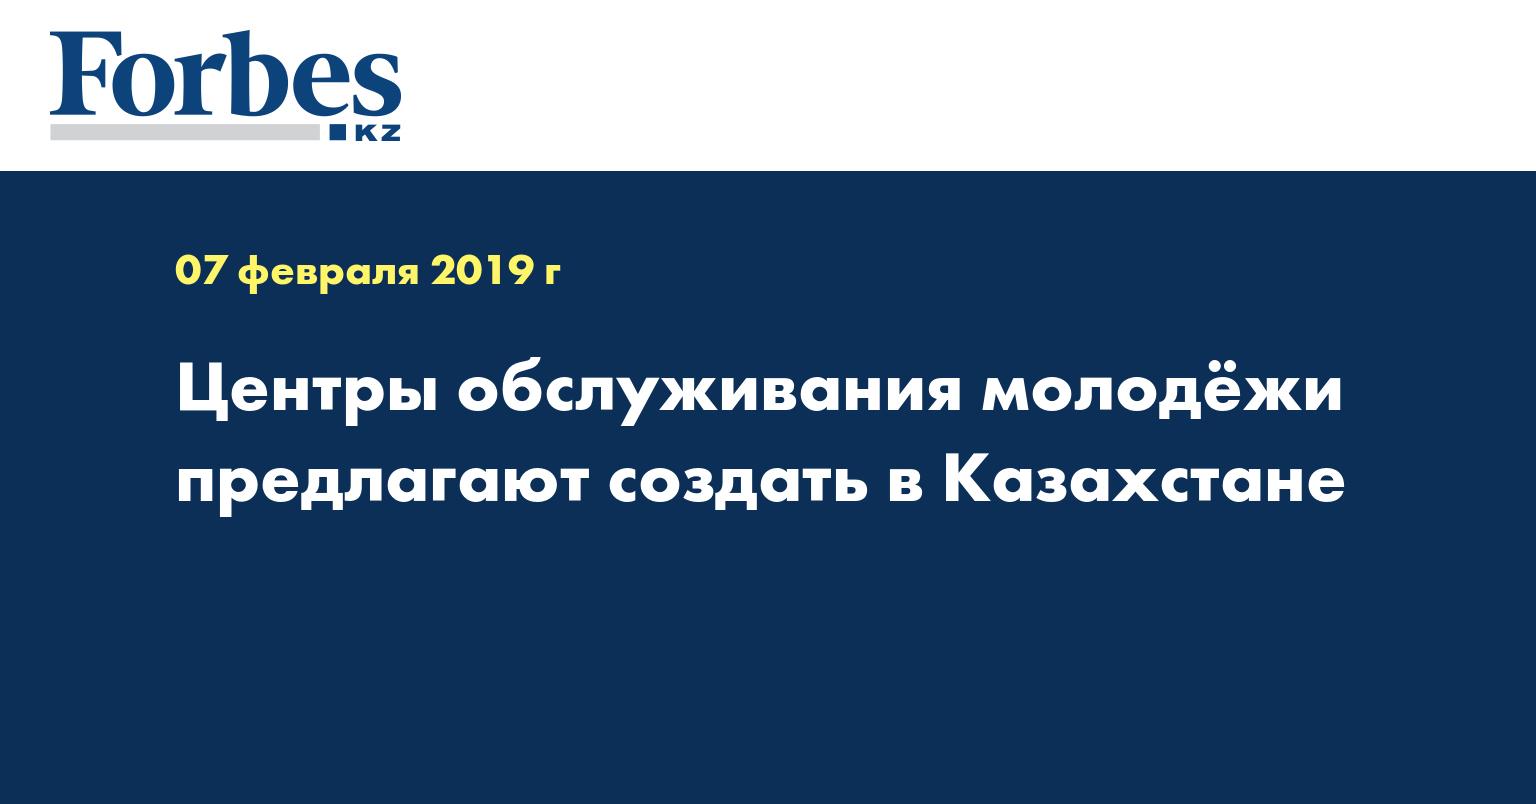 Центры обслуживания молодёжи предлагают создать в Казахстане